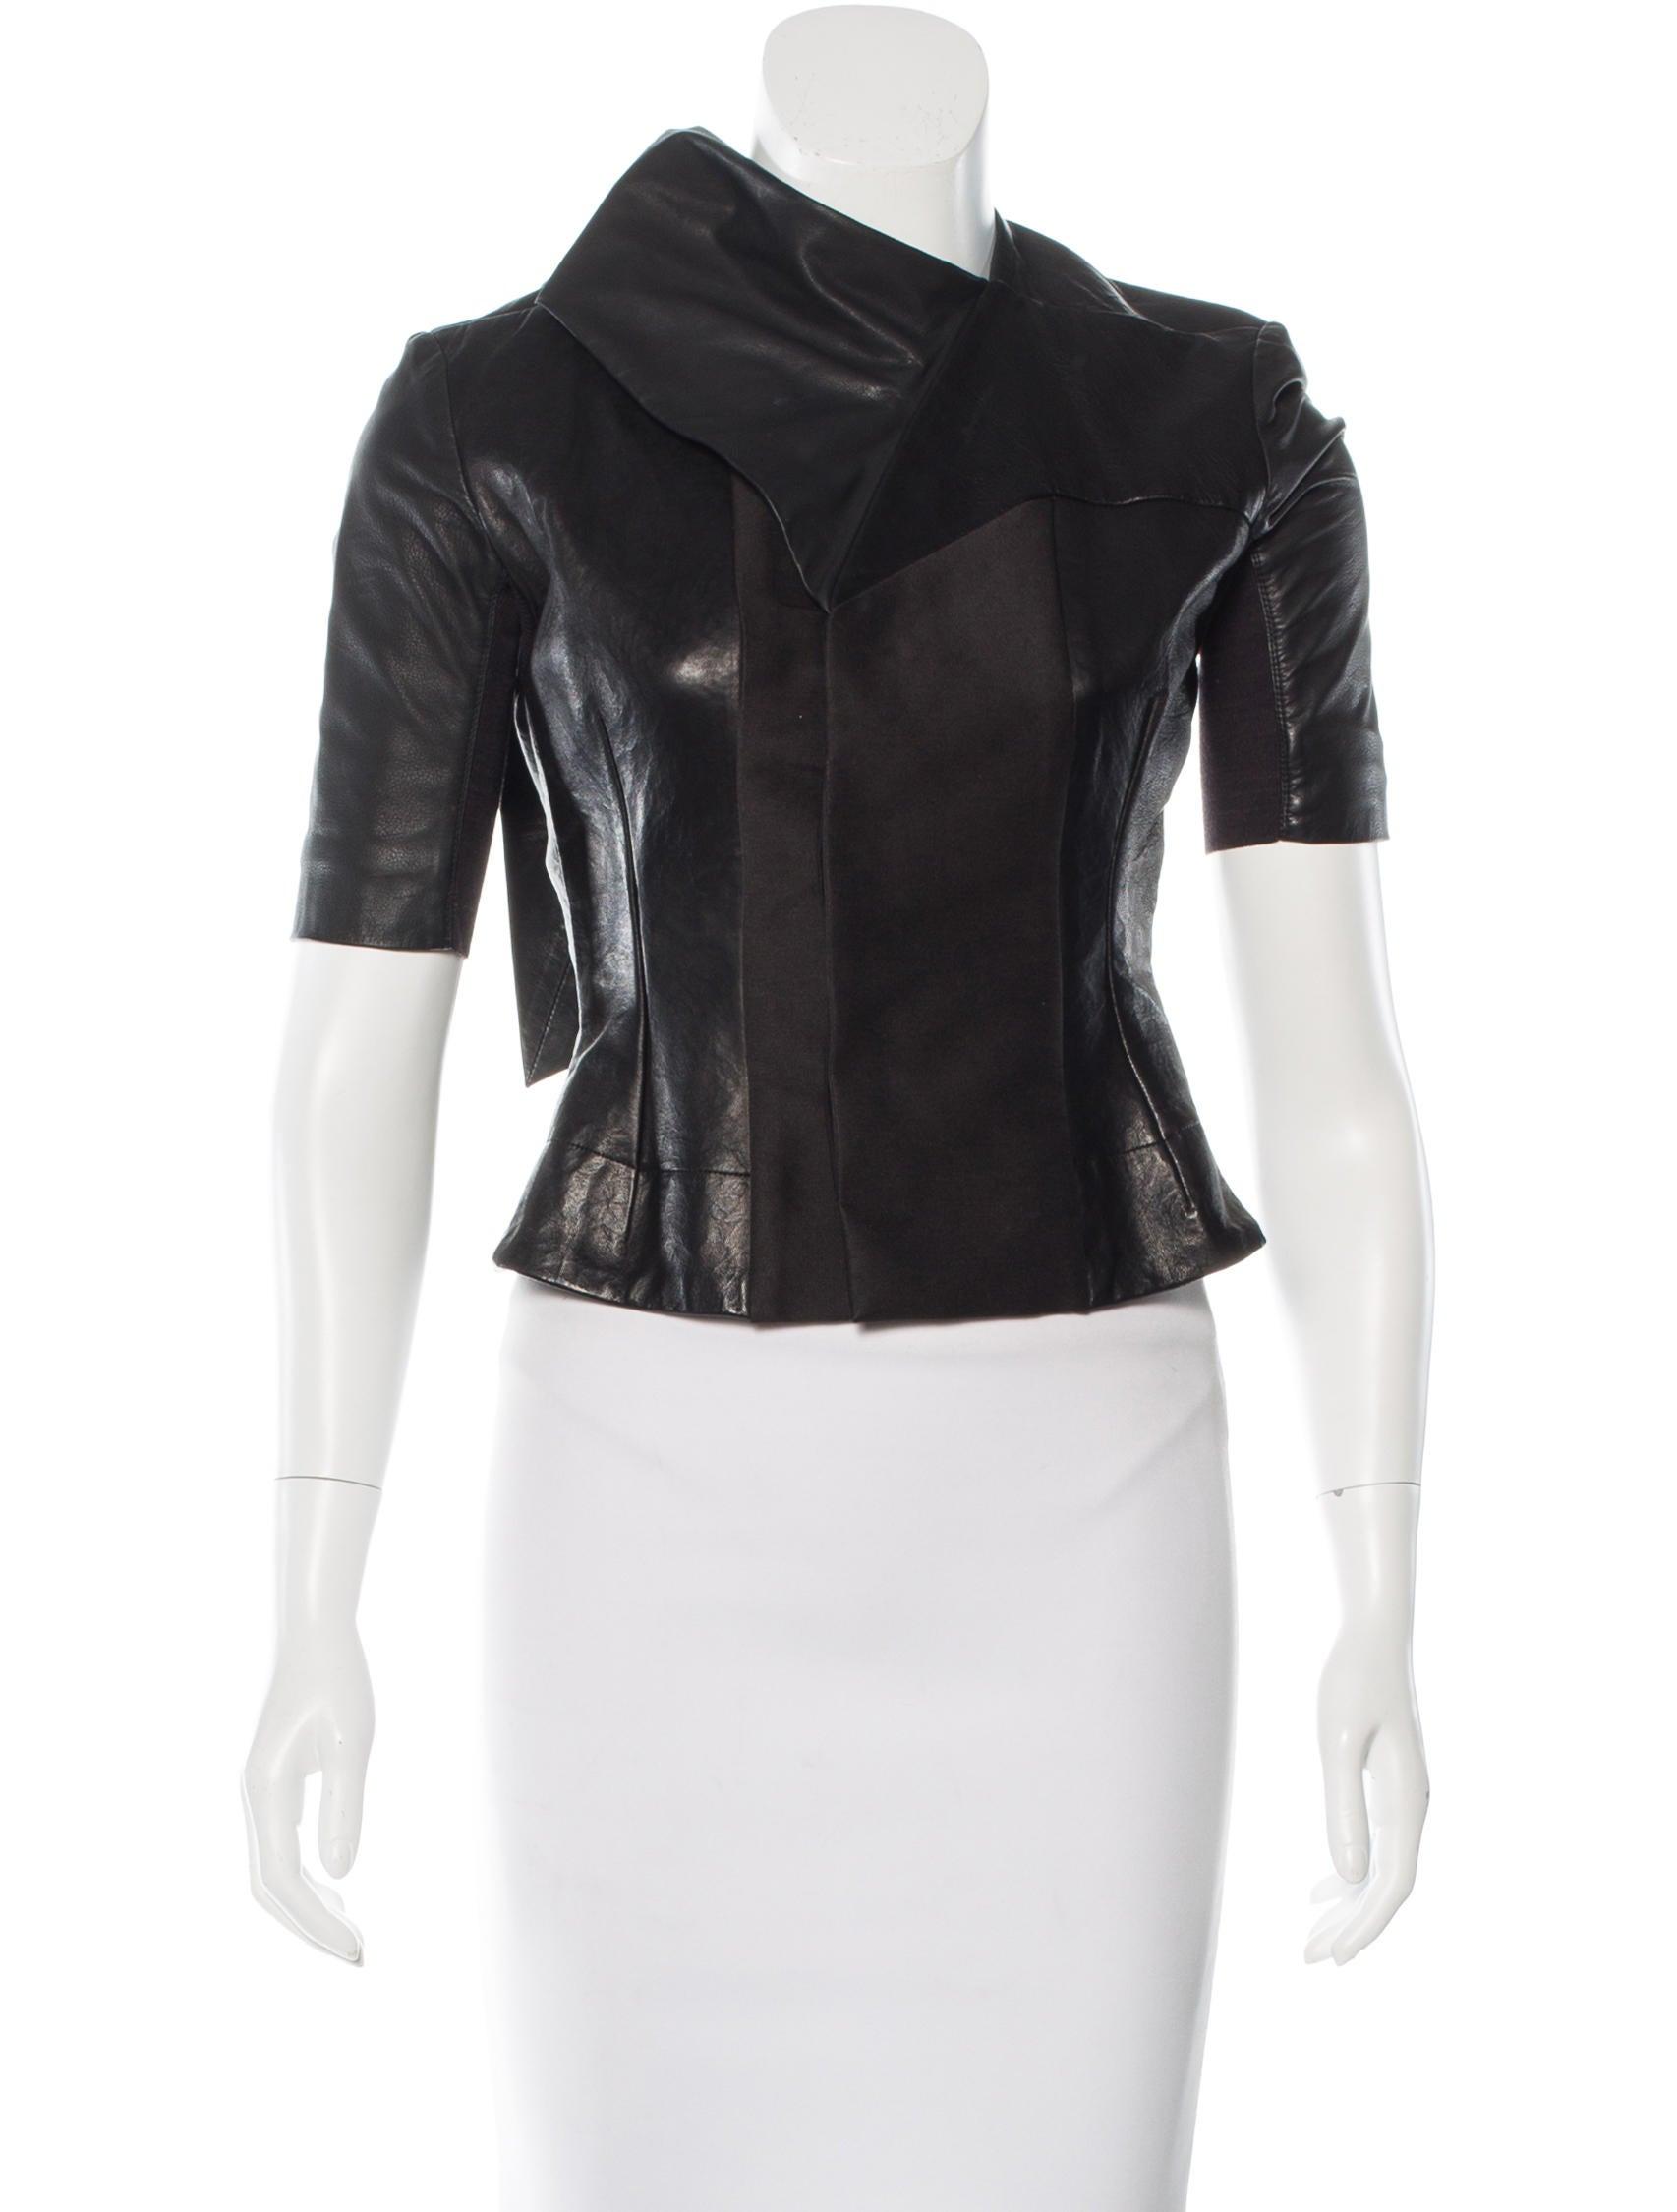 Leather short jackets